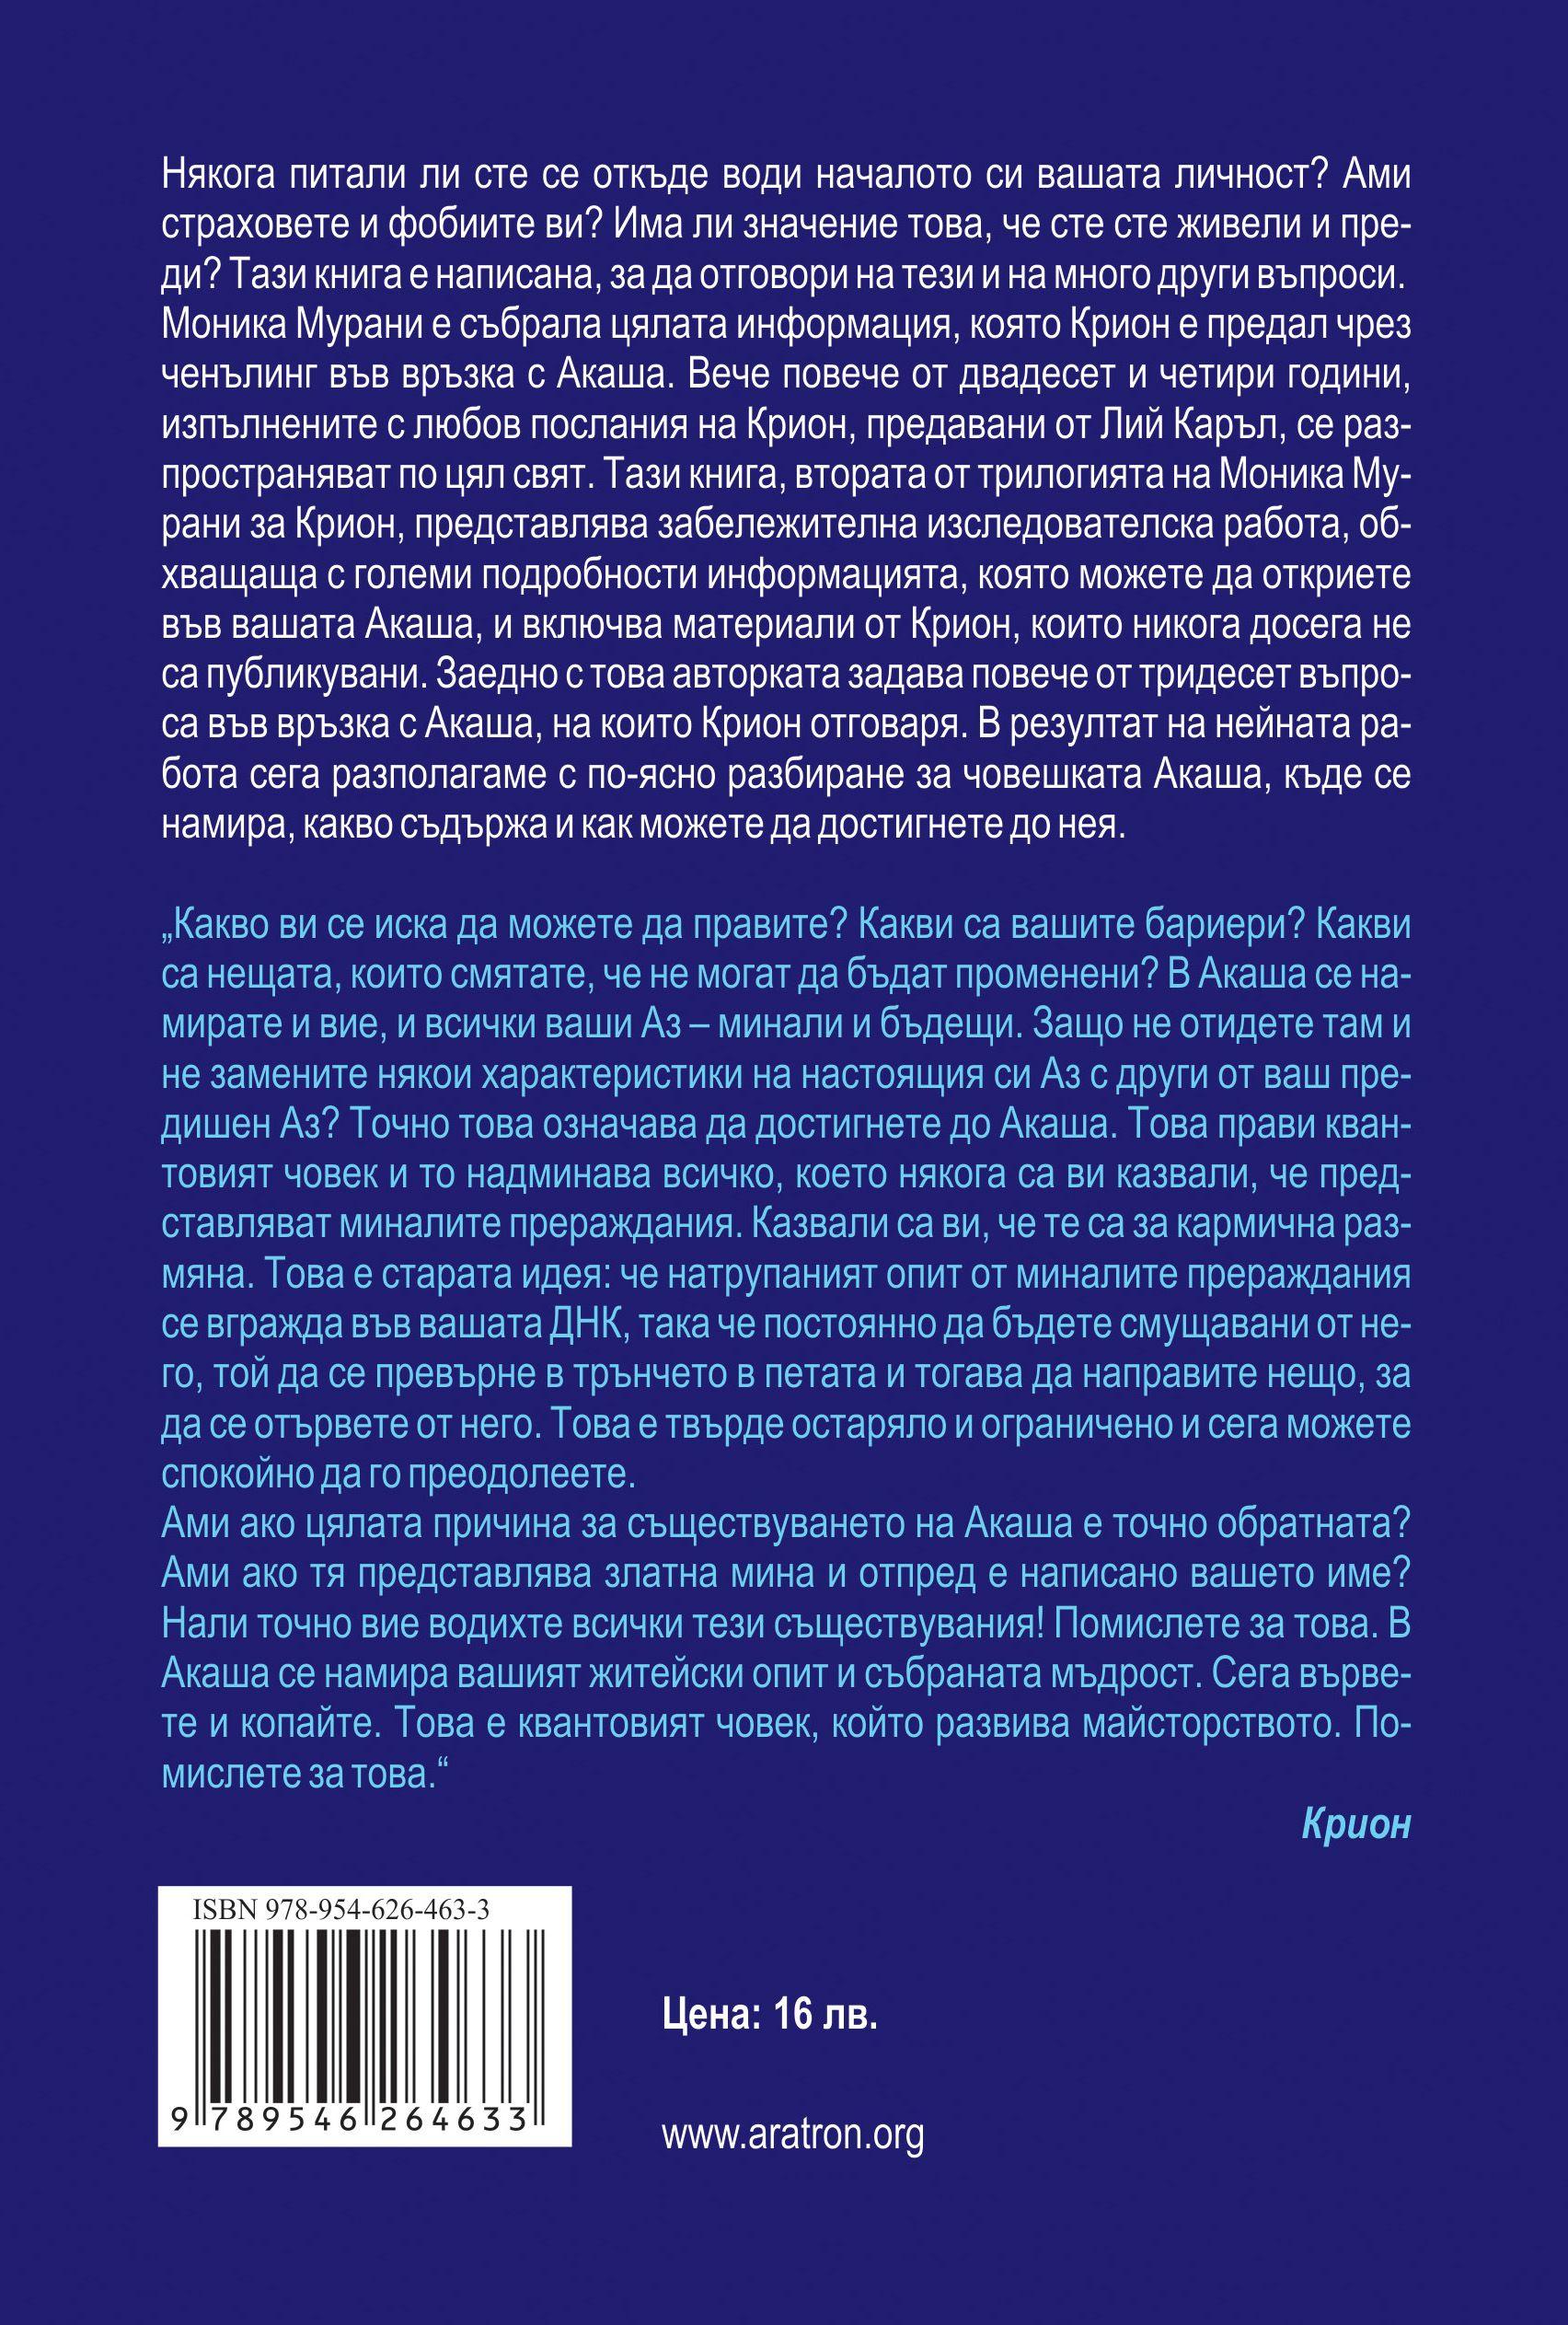 Крион - Човешката Акаша - 2